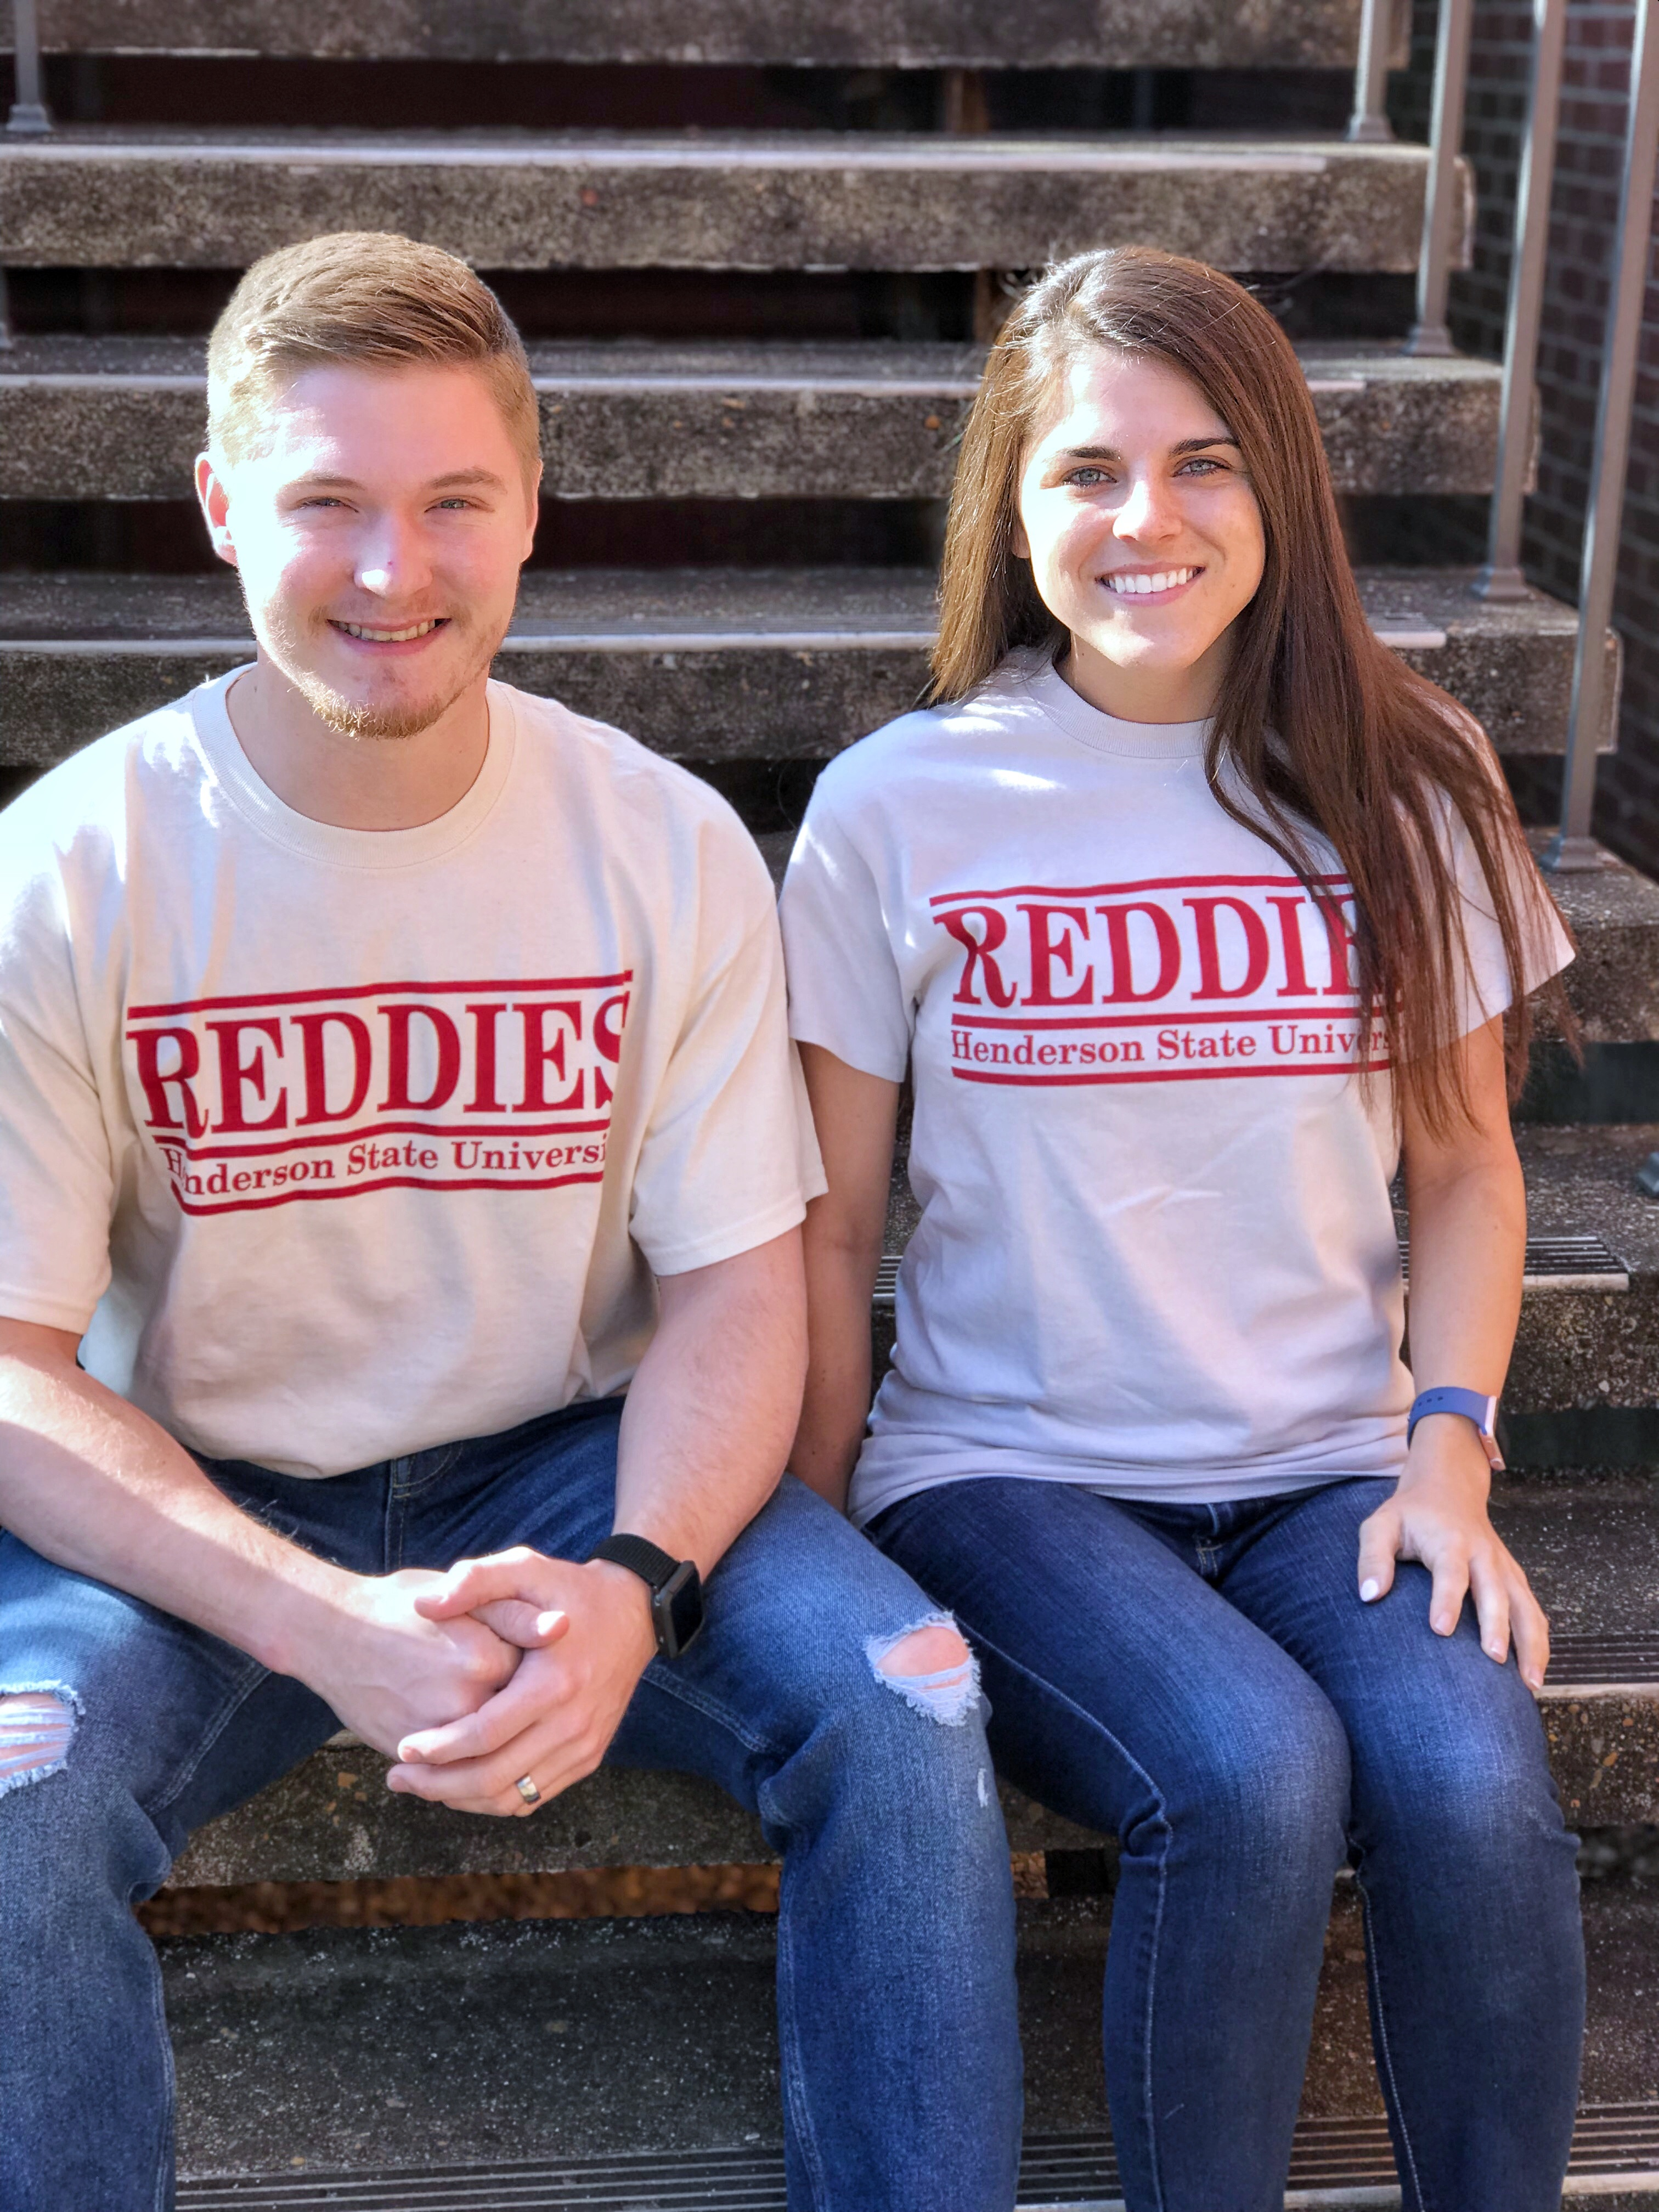 REDDIES TSHIRT